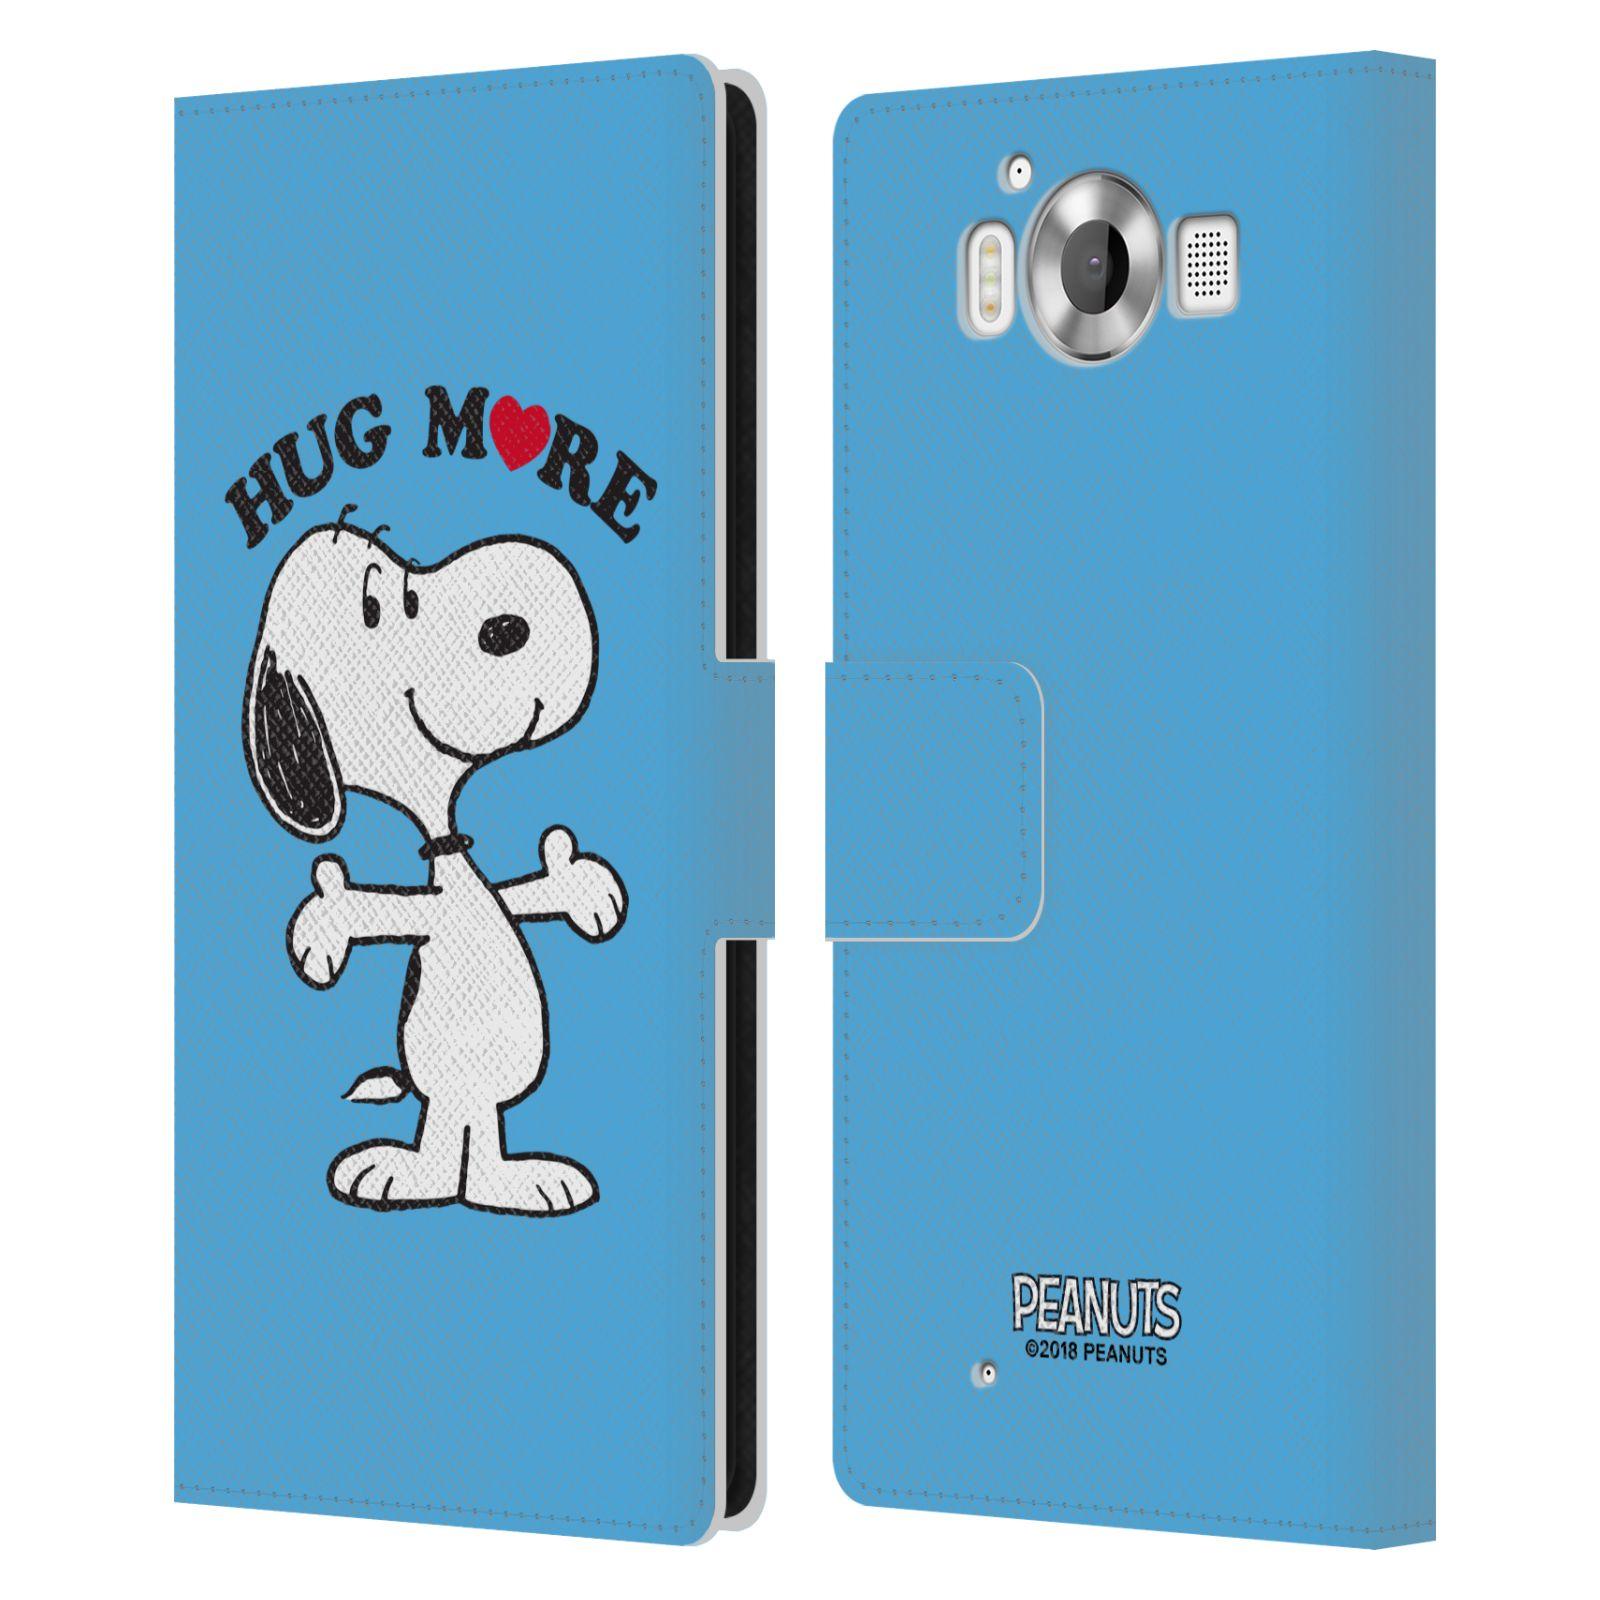 Pouzdro na mobil Nokia Lumia 950 - Head Case - Peanuts - pejsek snoopy světle modré objetí